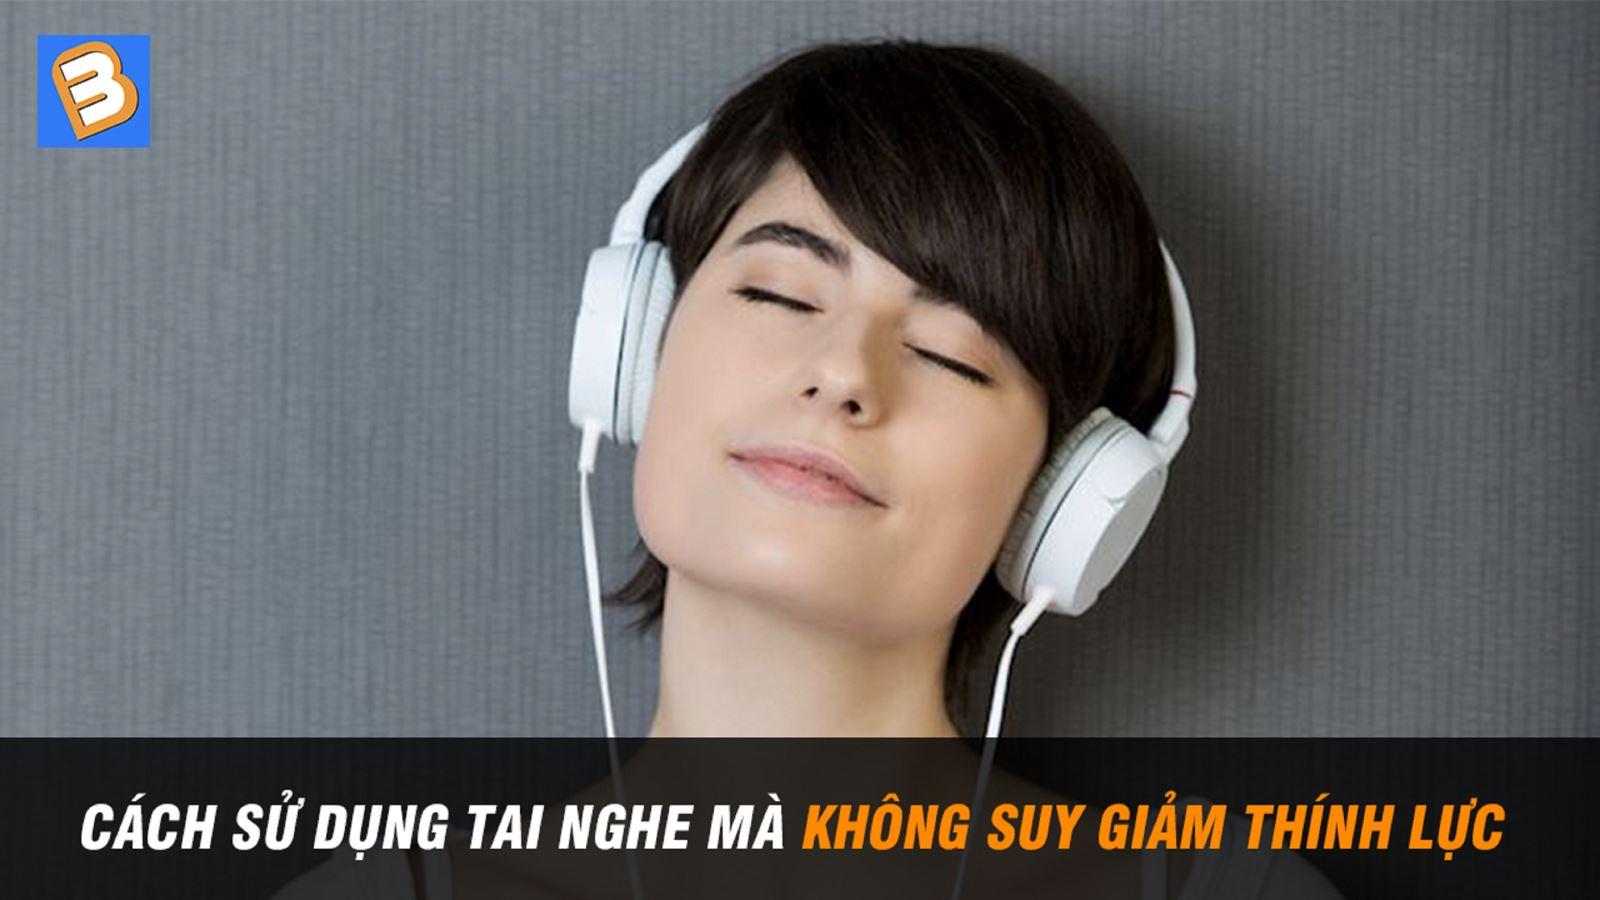 Cách sử dụng tai nghe mà không suy giảm thính lực